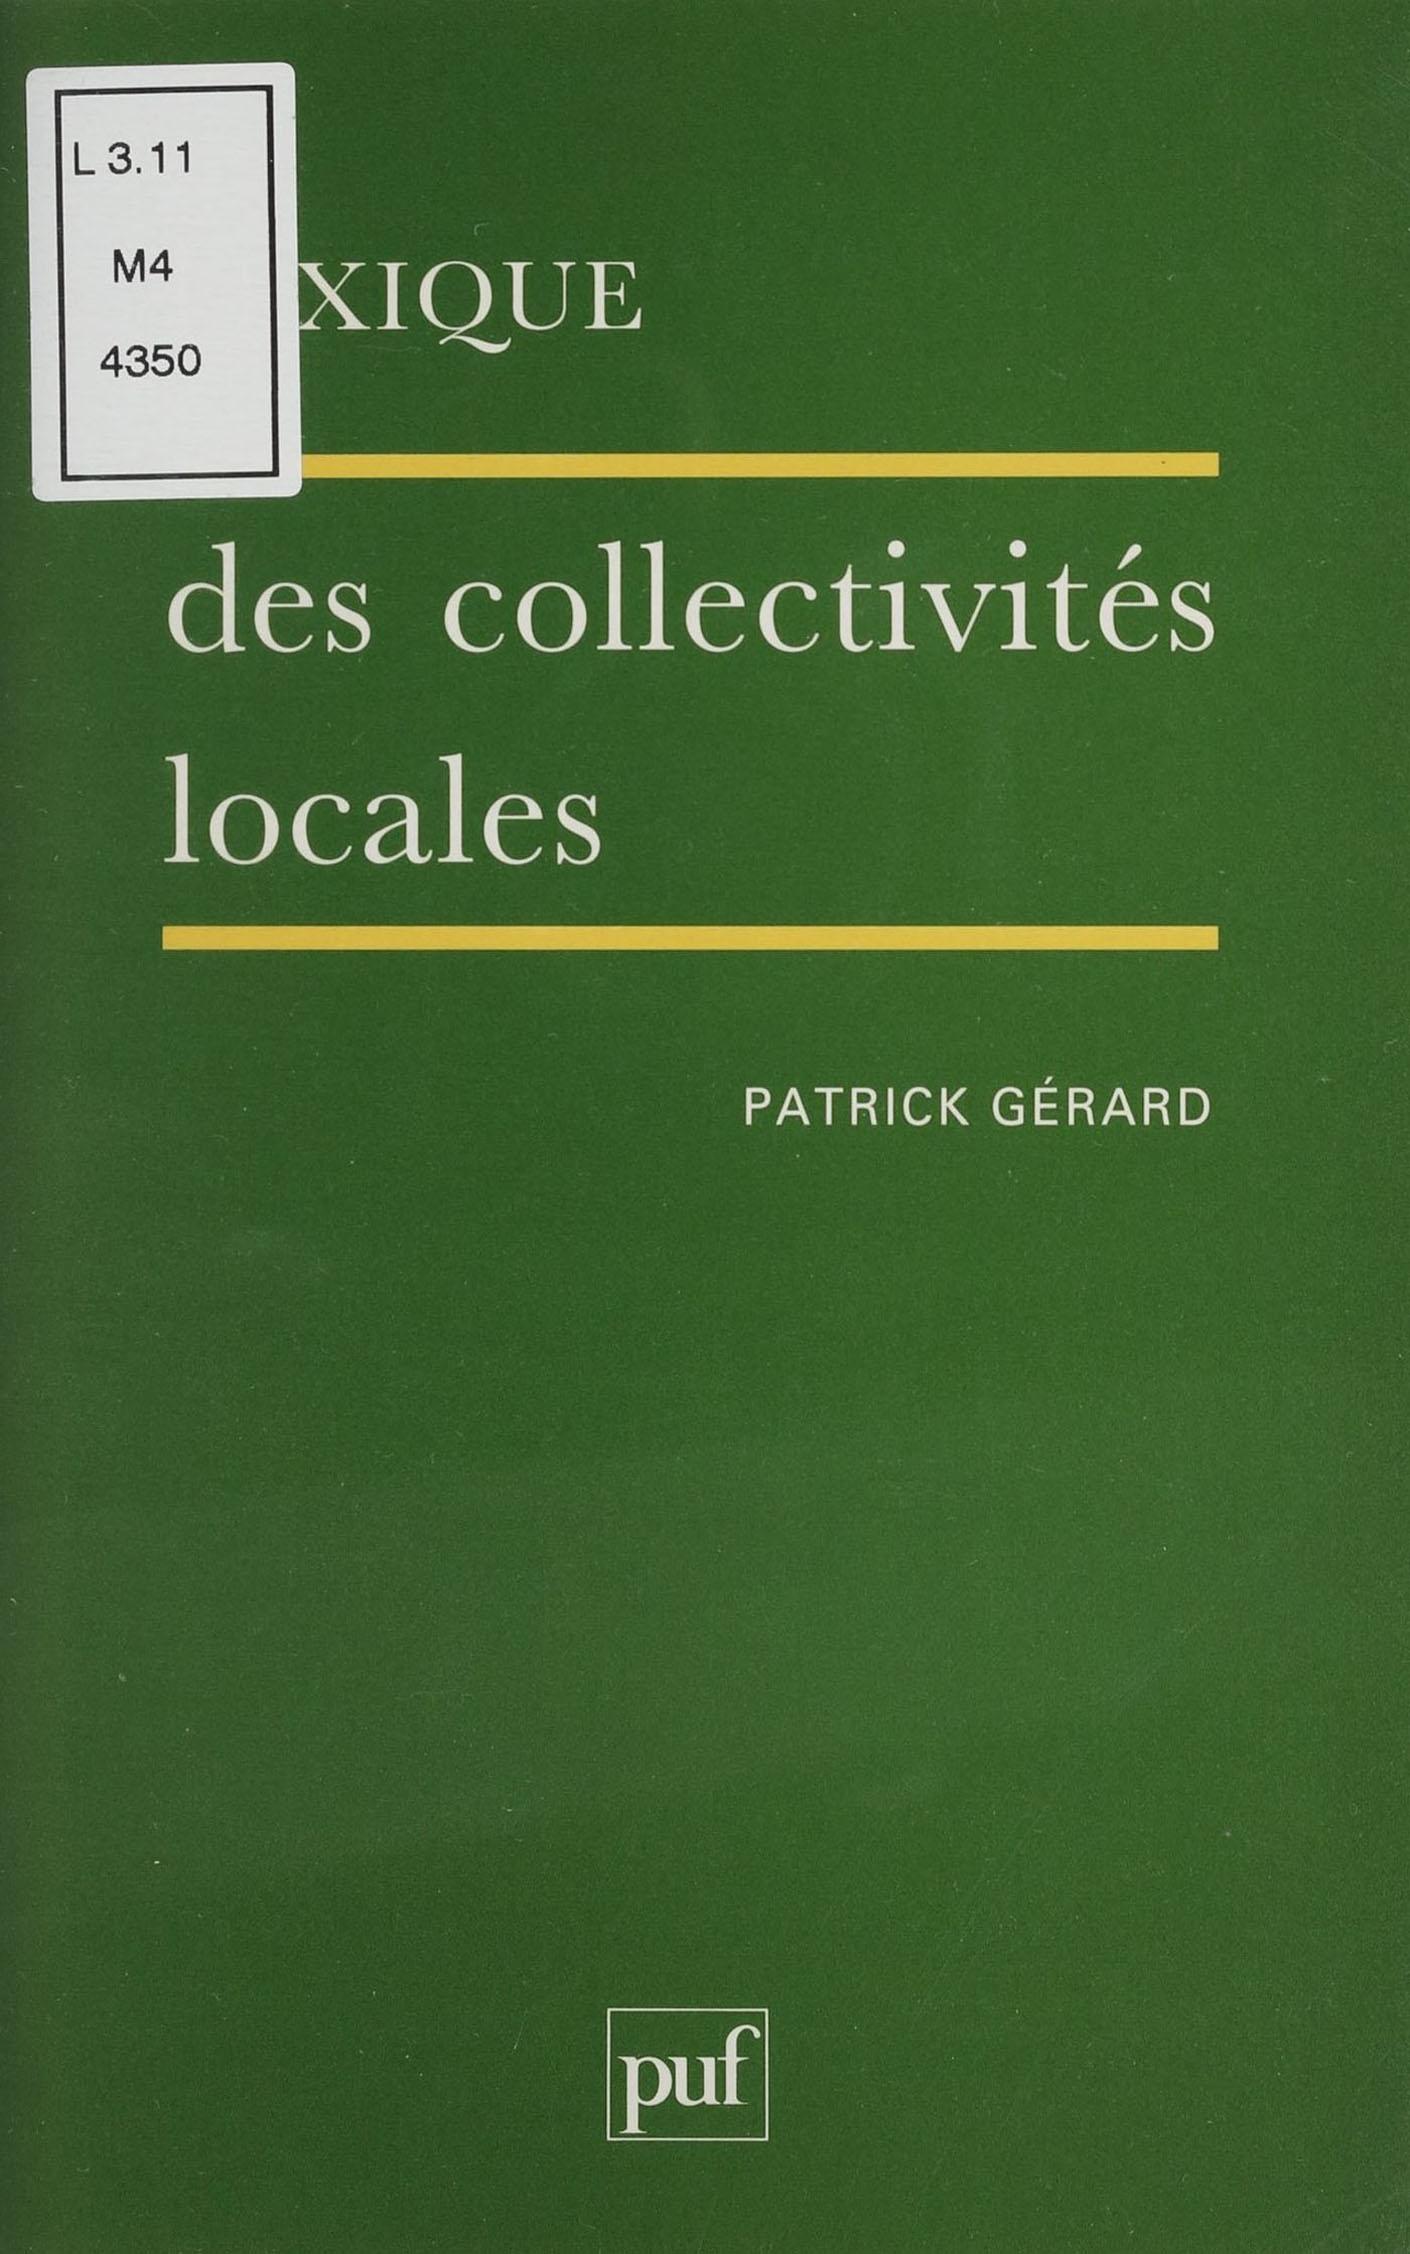 Lexique des collectivités locales